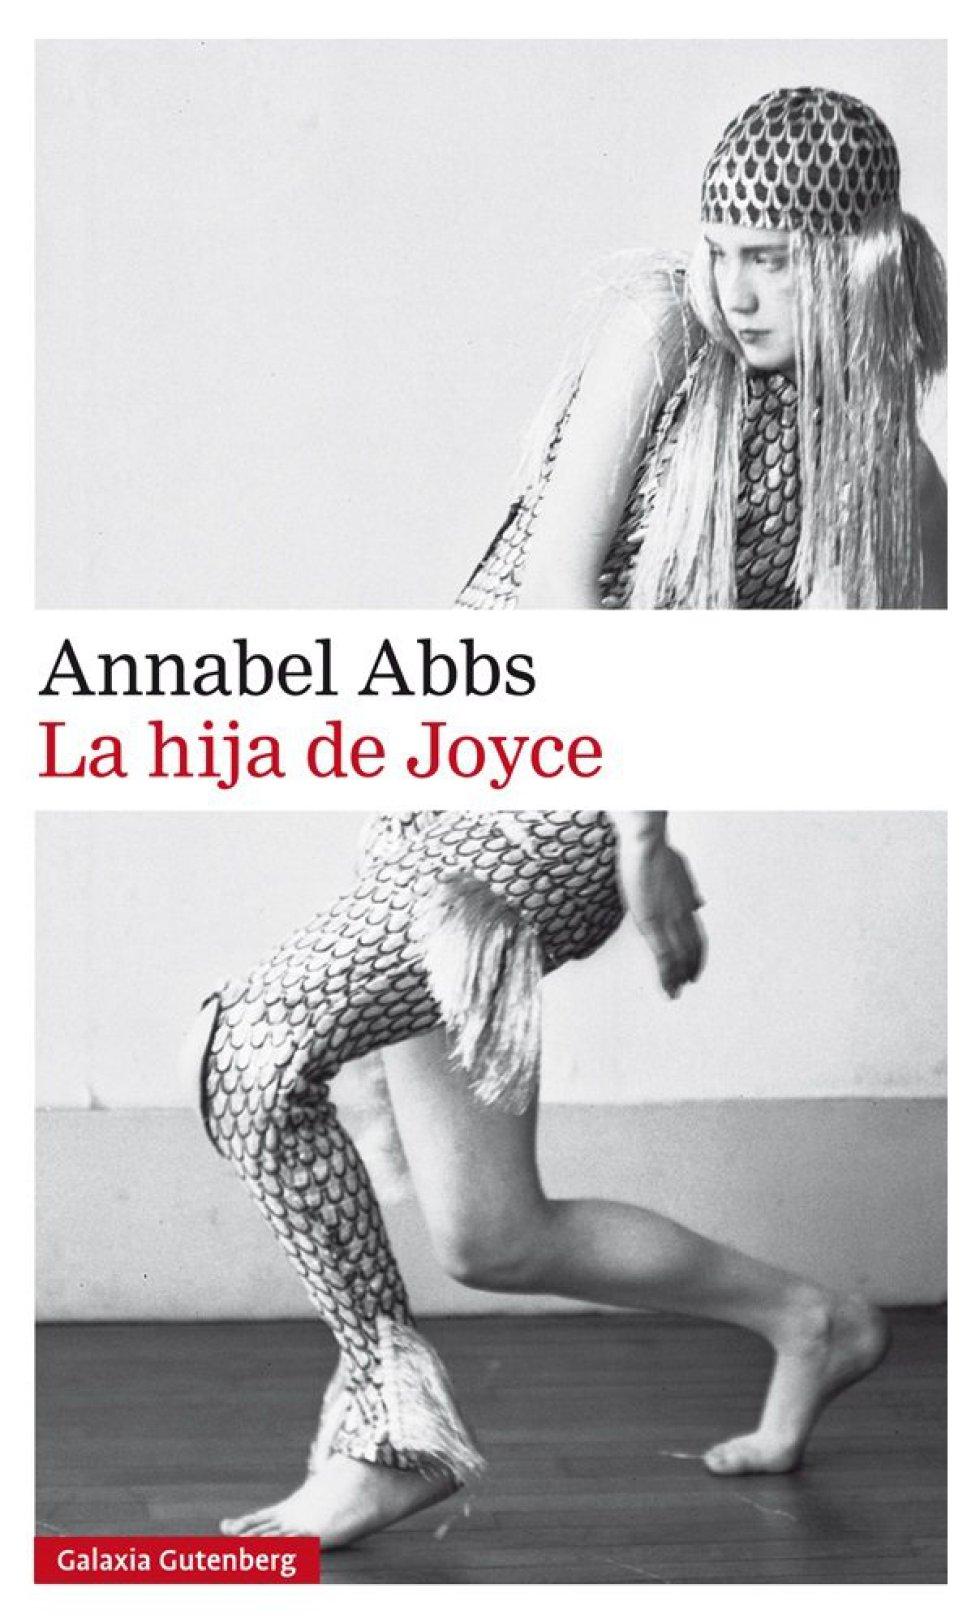 """LUCIA JOYCE, LA BAILARINA SIN NOMBRE. """"En 1934 James Joyce escribe: """"Cualquiera que sea mi chispa de genio, esta ha sido transmitida a Lucia y ha prendido fuego en su cerebro"""". Hasta la publicación de la biografía 'Lucia Joyce. To Dance in the Wake', de Carol Loeb Shloss (2005), la vida de la hija de Joyce sólo había trascendido en ambientes académicos a través de una cita del psicoanalista que la trató, Carl Jung: """"Donde Joyce podía bucear, ella se ahogaba"""". Si bien sus inicios como bailarina fueron reseñados de manera entusiasta por la prensa de la época, después de una serie de crisis sentimentales pasó la mayor parte de su vida encerrada en psiquiátricos. Desde la publicación de Loeb Shloss a partir de distintos testimonios y cartas de familiares y amigos, Lucia Joyce emerge iluminada con una luz distinta con la que la retrató su eminente psicoanalista"""". Por ALICIA KOPF"""